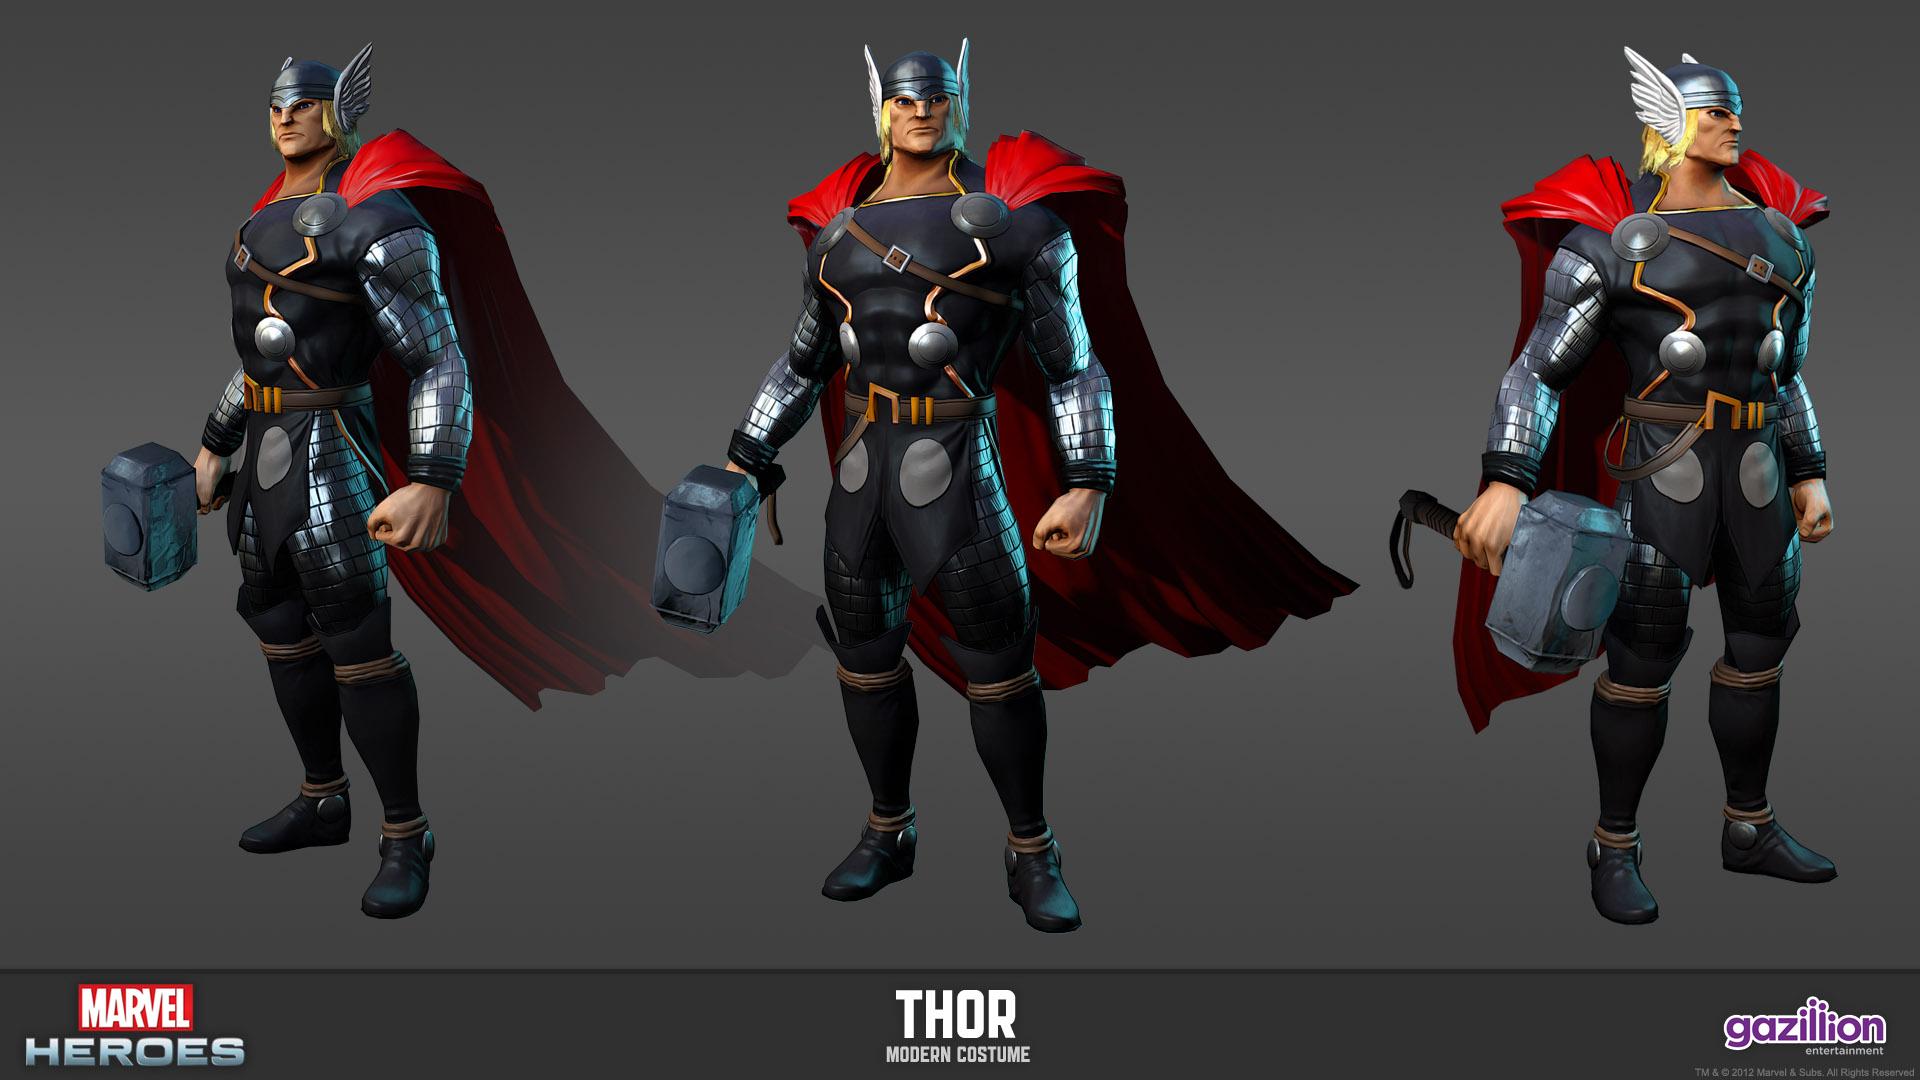 MarvelHeroes_ModelSheet_Thor_Modern